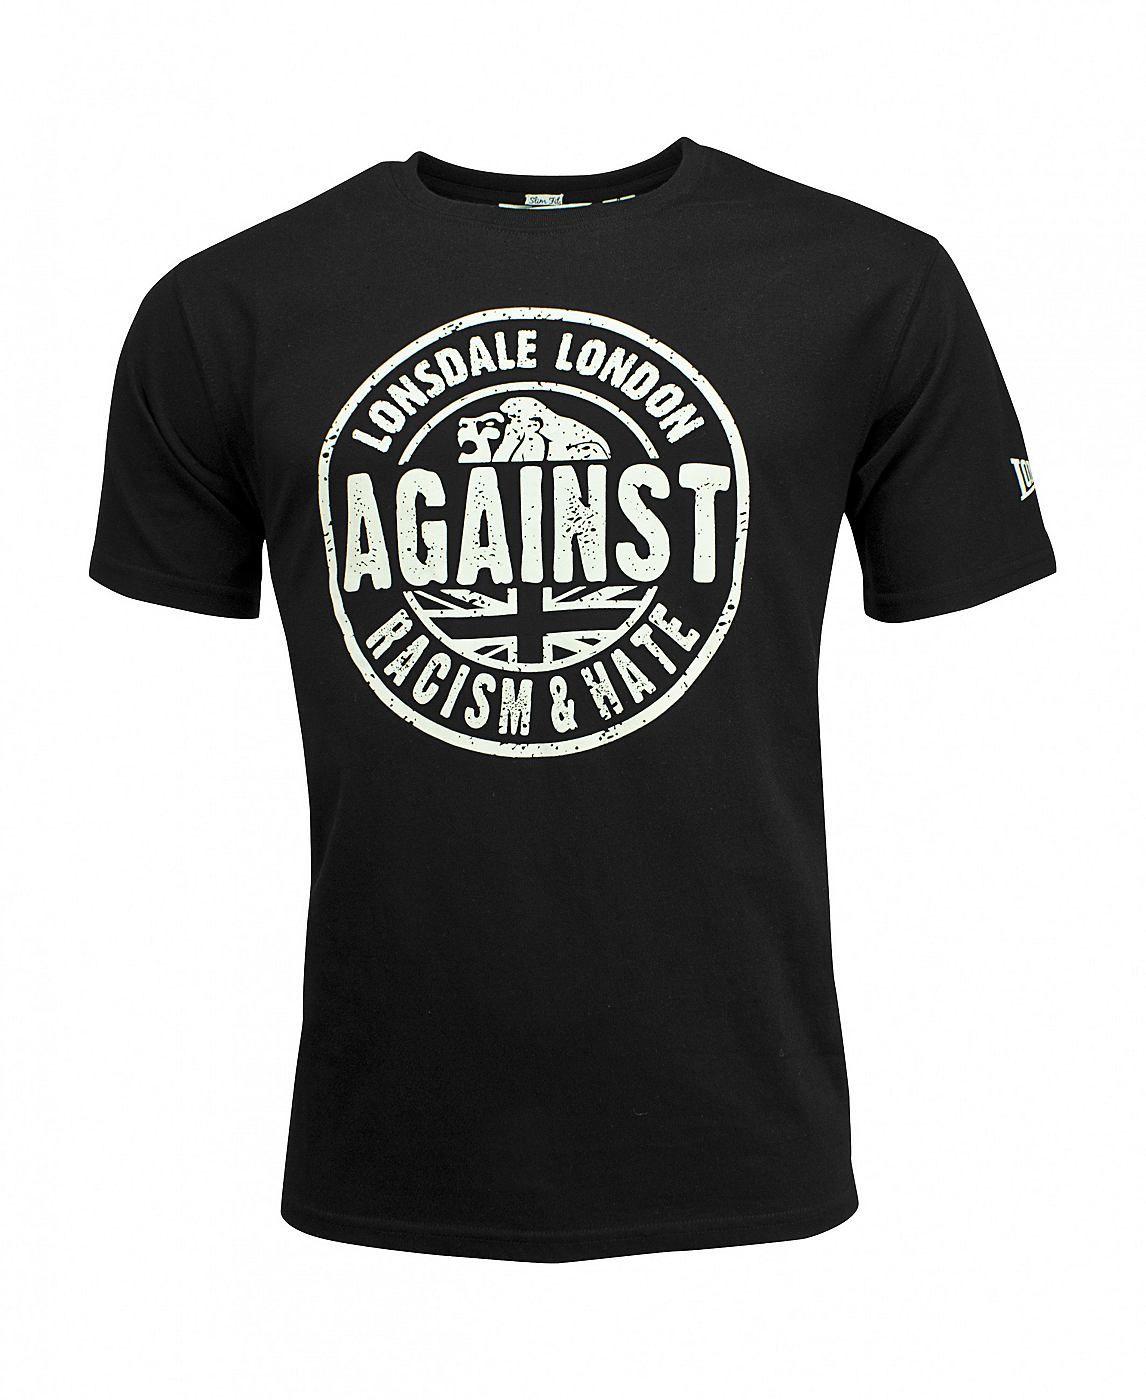 Das sportliche T-Shirt von Lonsdale sieht nicht nur ansprechend aus, sondern überzeugt darüber hinaus durch einen hohen Tragekomfort.  Material: 60% Baumwolle, 40% Polyester...